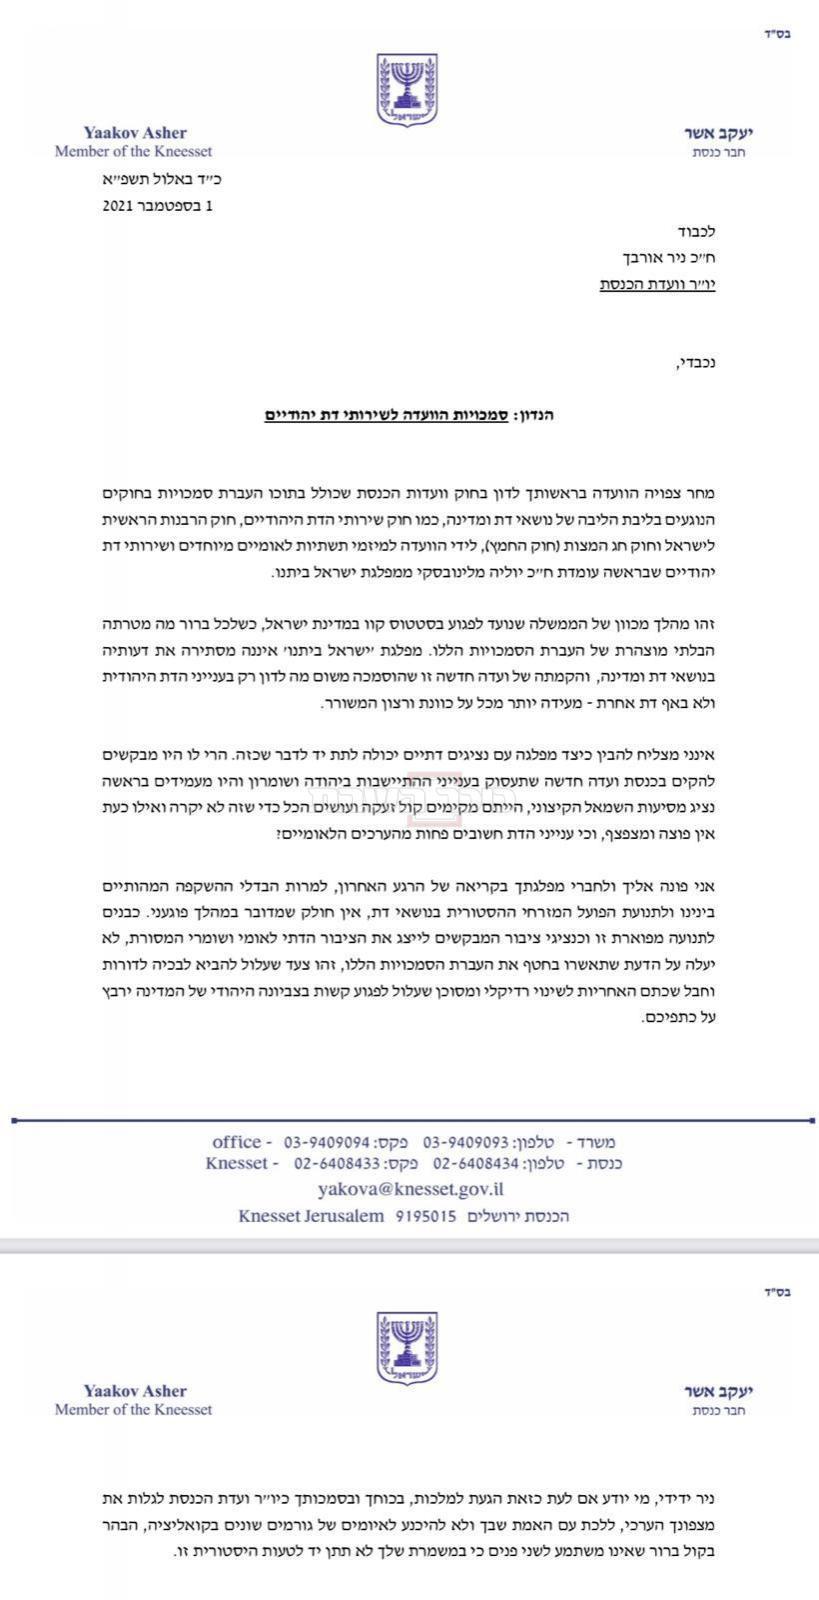 מכתב ח''כ יעקב אשר ליו''ר ועדת הכנסת אורבך, שנשלח לכלל חברי ימינה (ללא קרדיט)